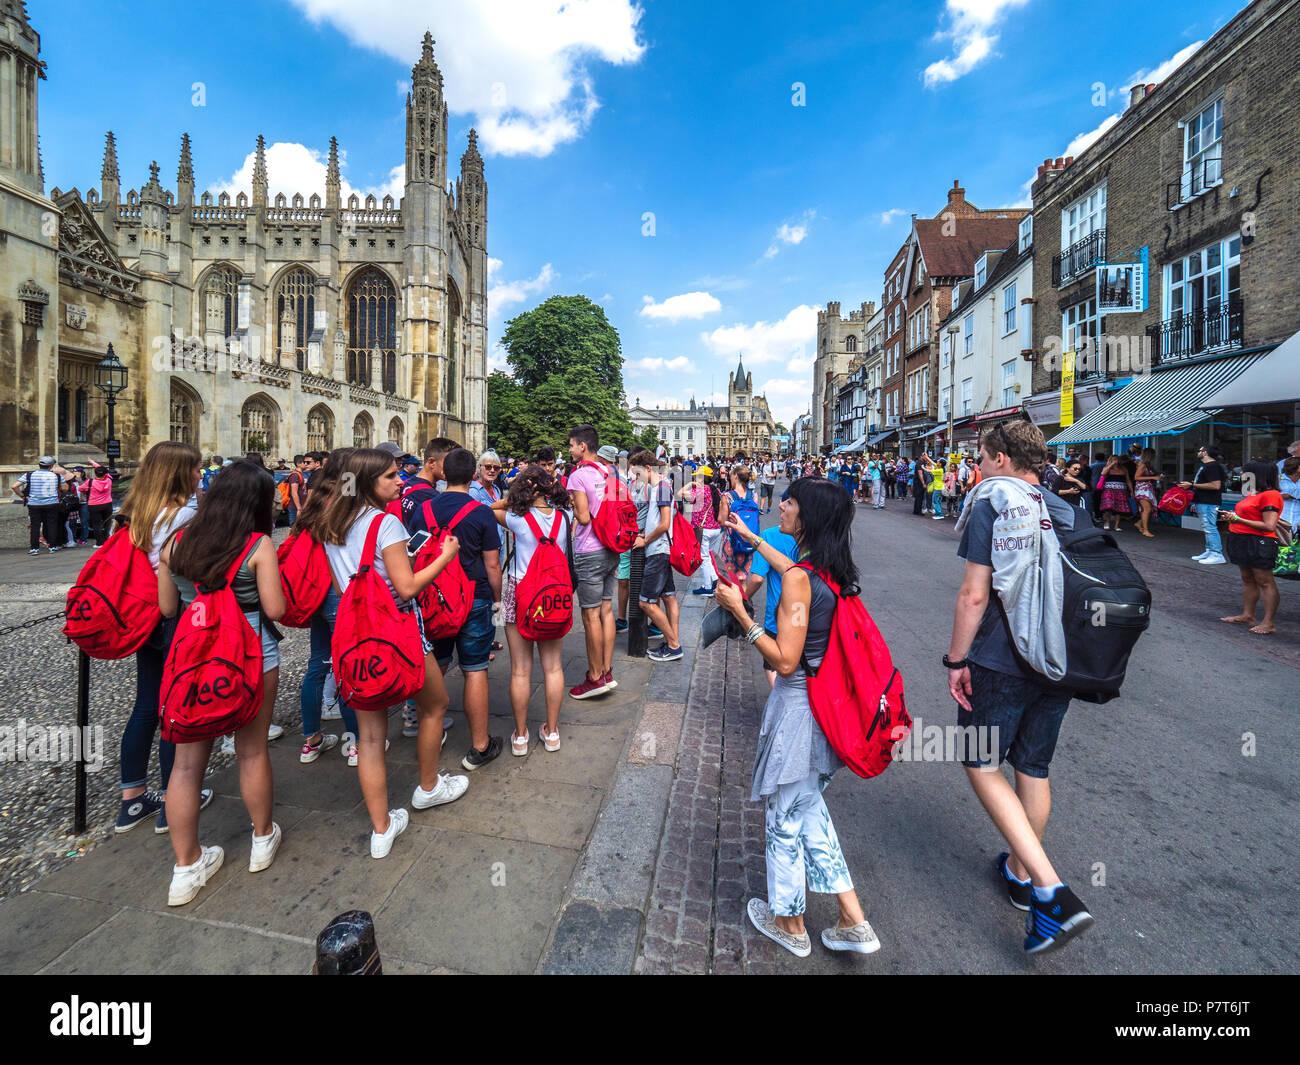 Cambridge Tourismus - eine Schule Tour Gruppe im historischen Zentrum von Cambridge, in der Nähe von Kings College Chapel Stockbild